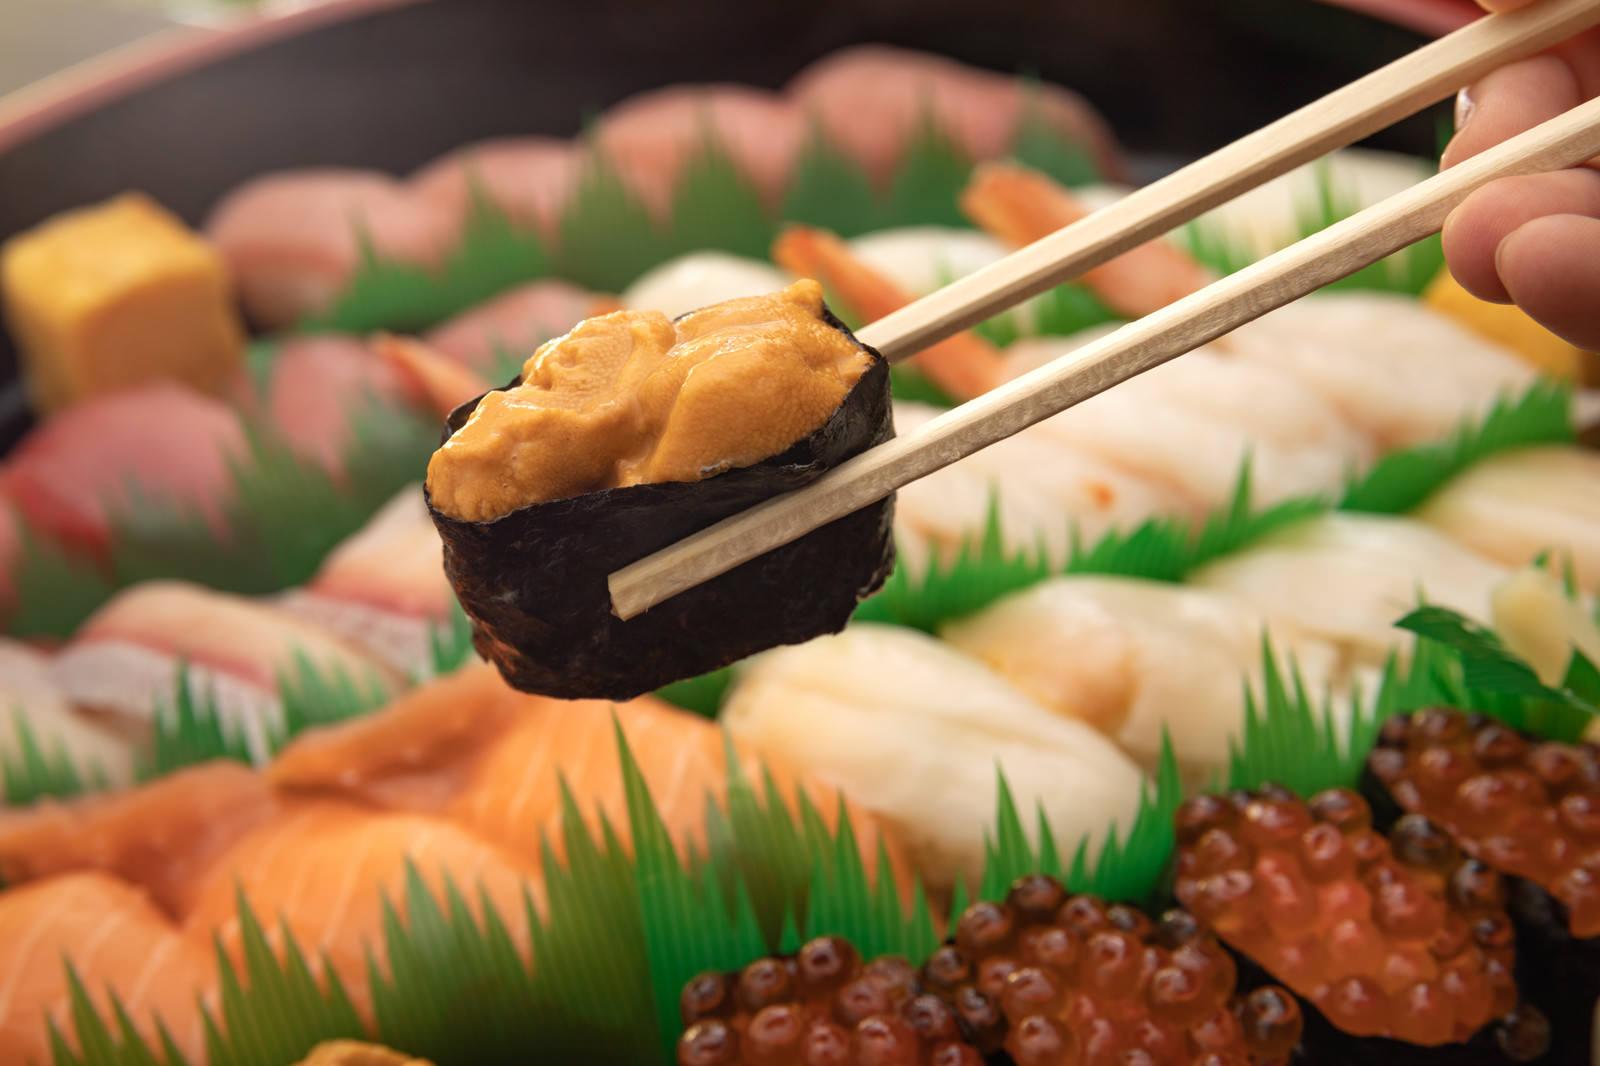 「人気のウニ軍艦巻きを食べるよ人気のウニ軍艦巻きを食べるよ」のフリー写真素材を拡大